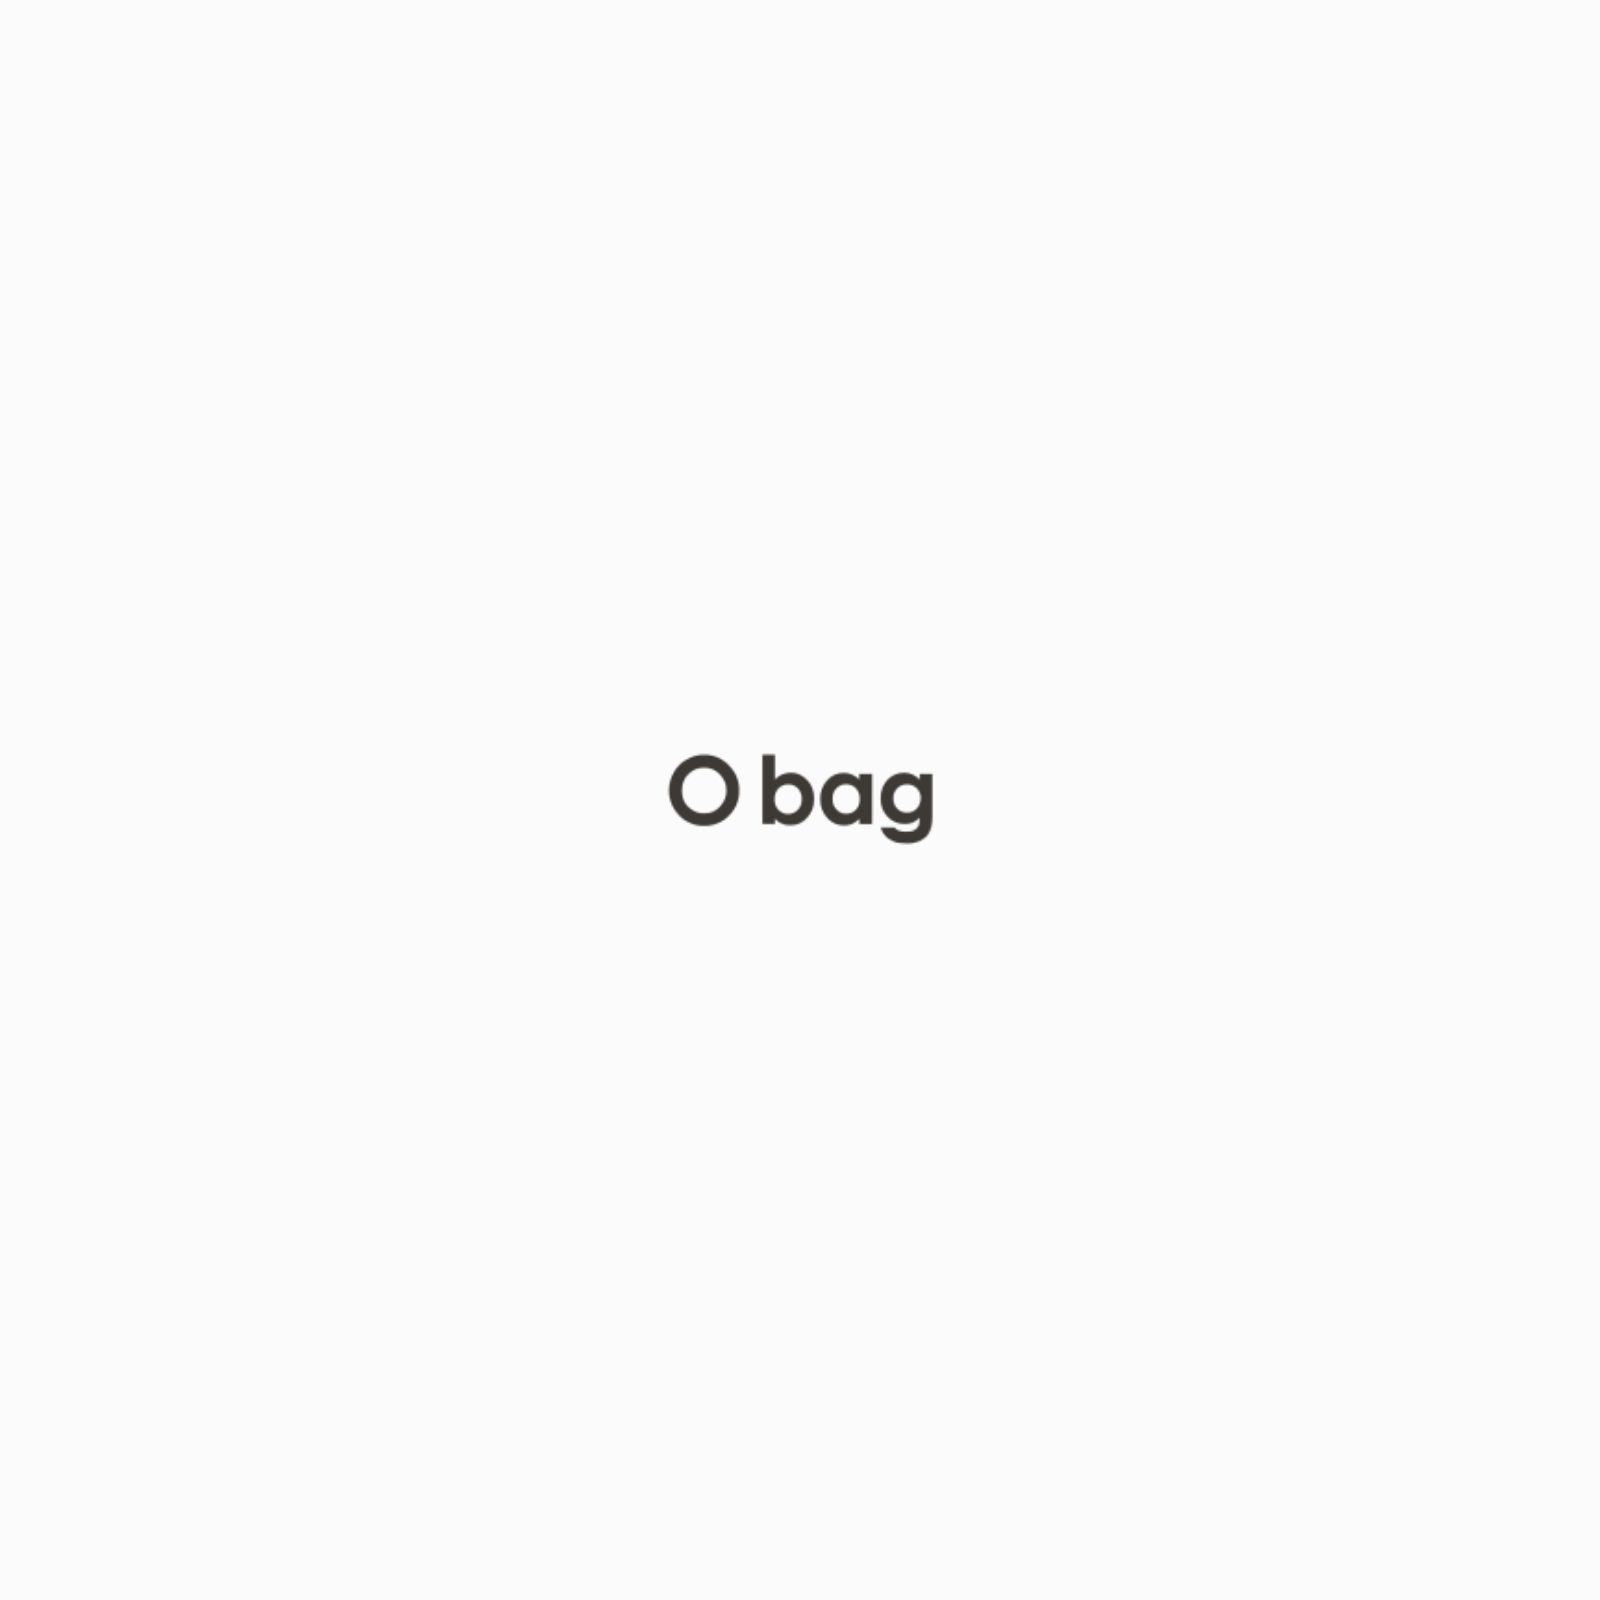 40c440ec8d5 O bag .herringbone faux rabbit fur trim